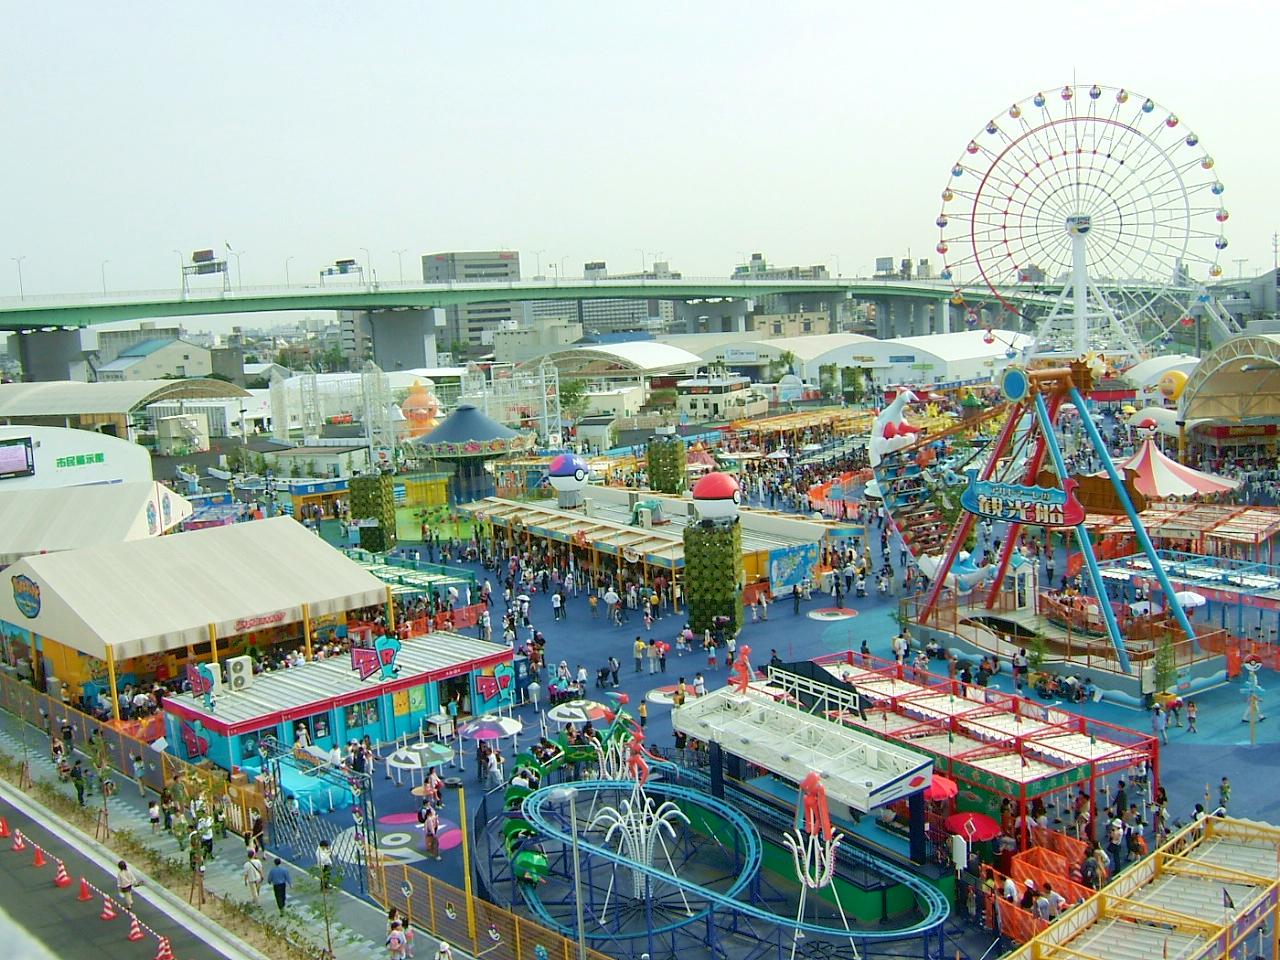 Expo_2005_Sasashima_Satellite_Studio_De_La_Fantasia05